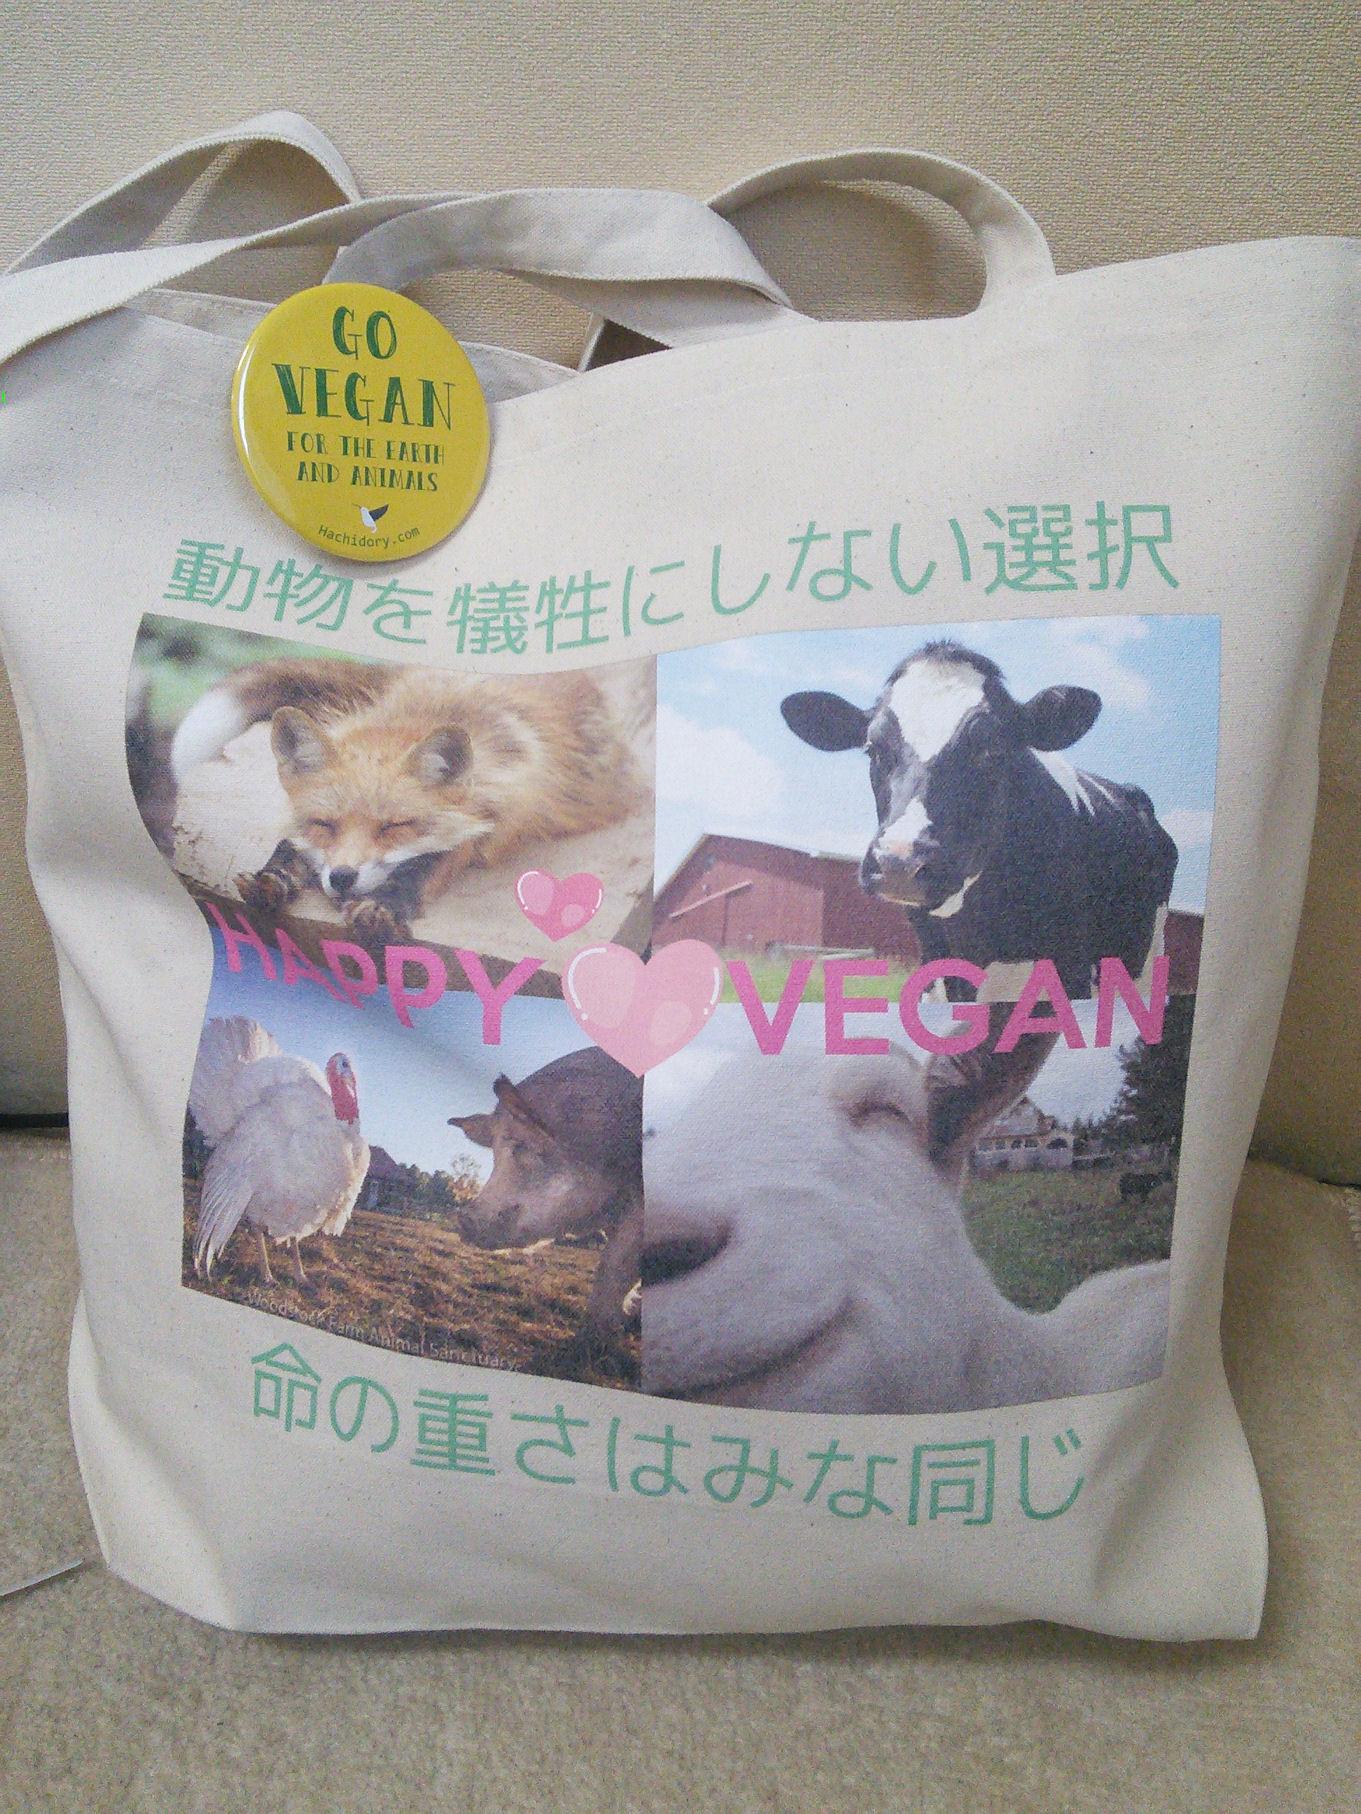 veganbag.jpg